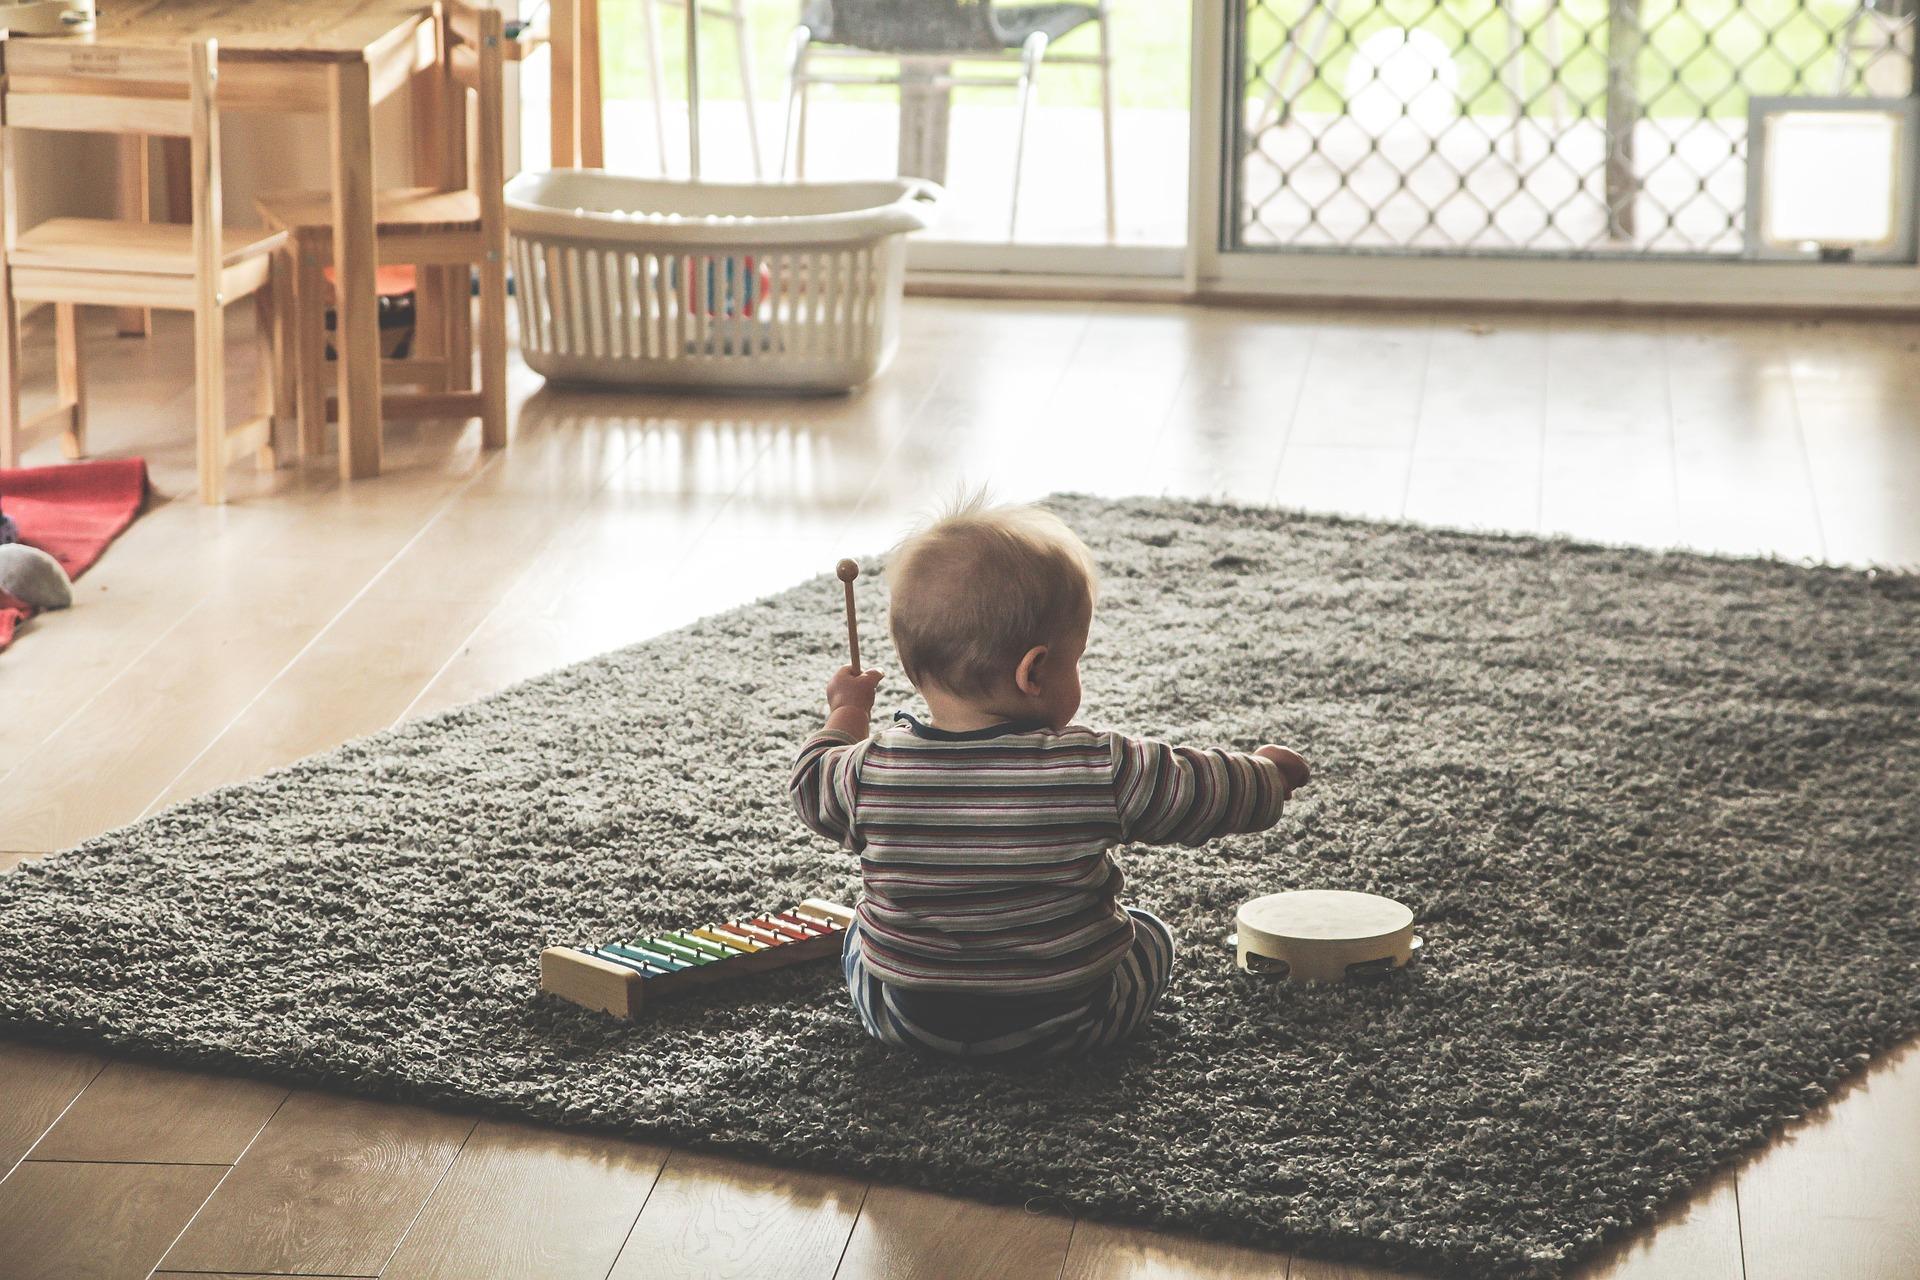 Cuánto dinero cuesta mantener un hijo: un lujo para pocos españoles